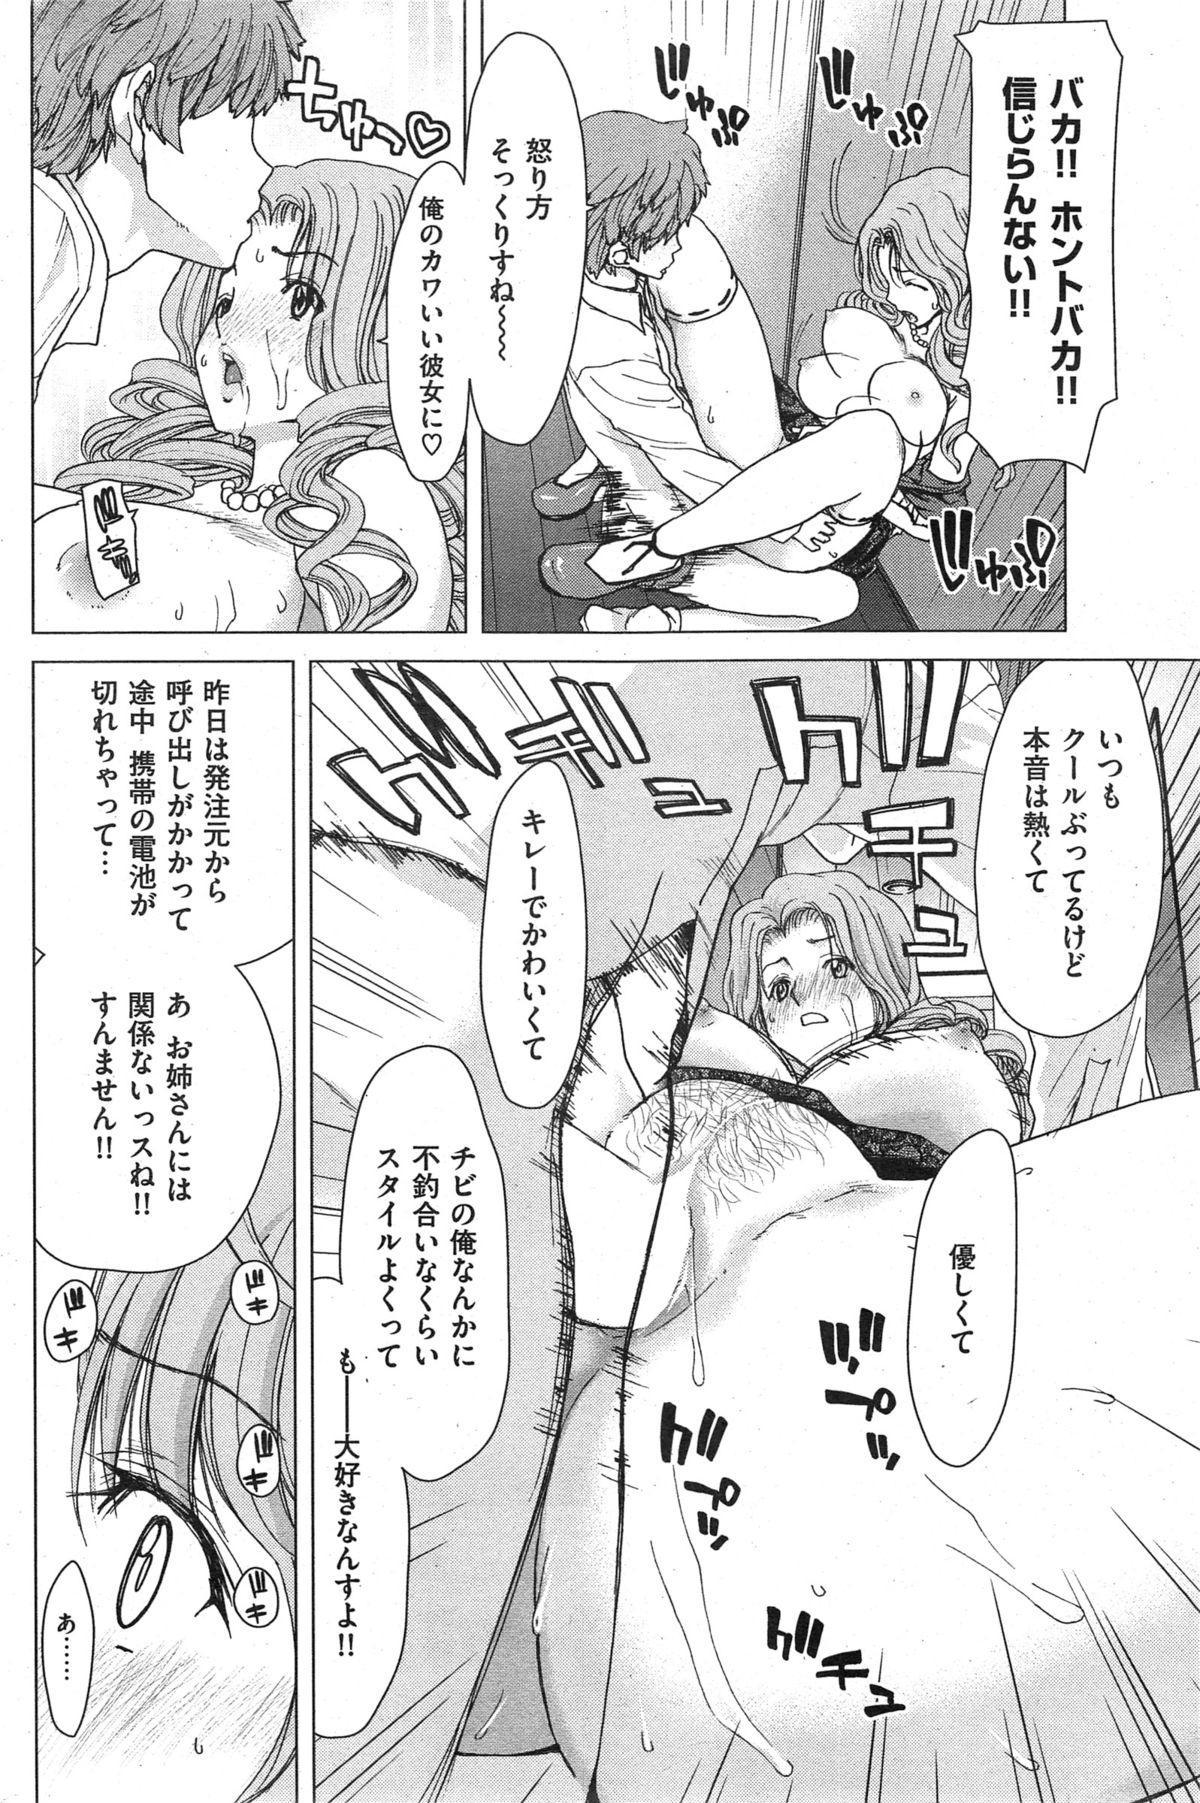 COMIC HANA-MAN 2014-12 231